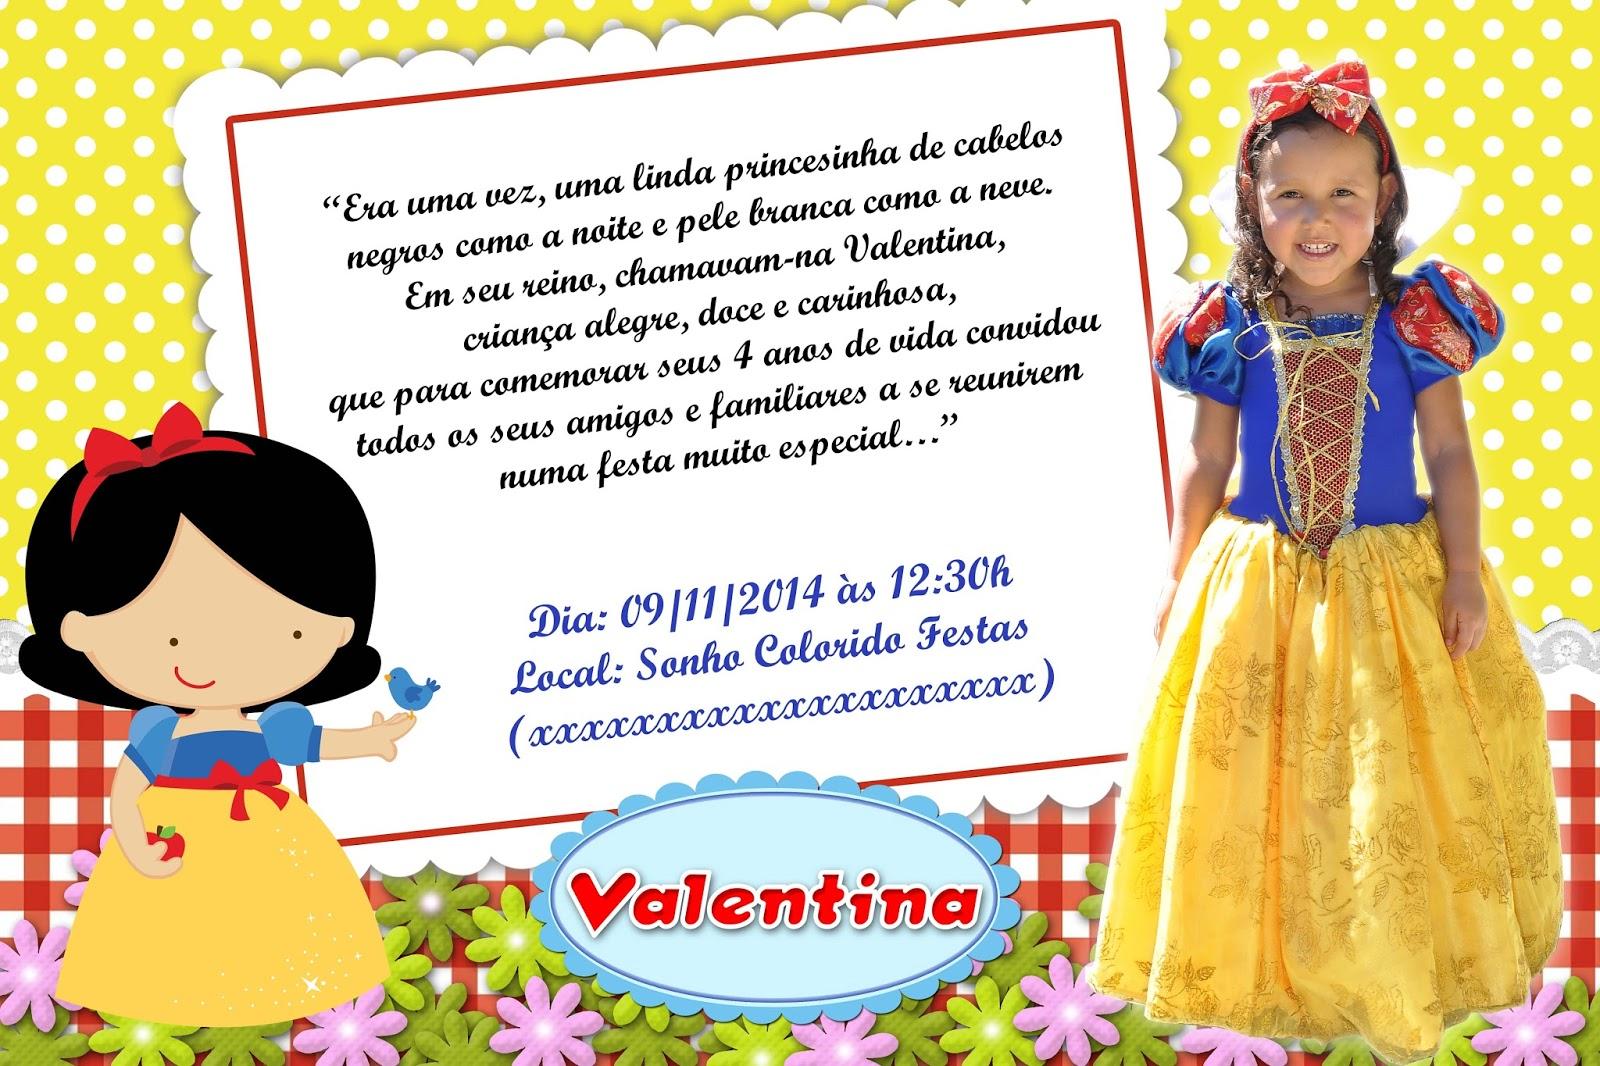 Tag Frases Para Convite De Aniversario De 1 Ano Branca De Neve